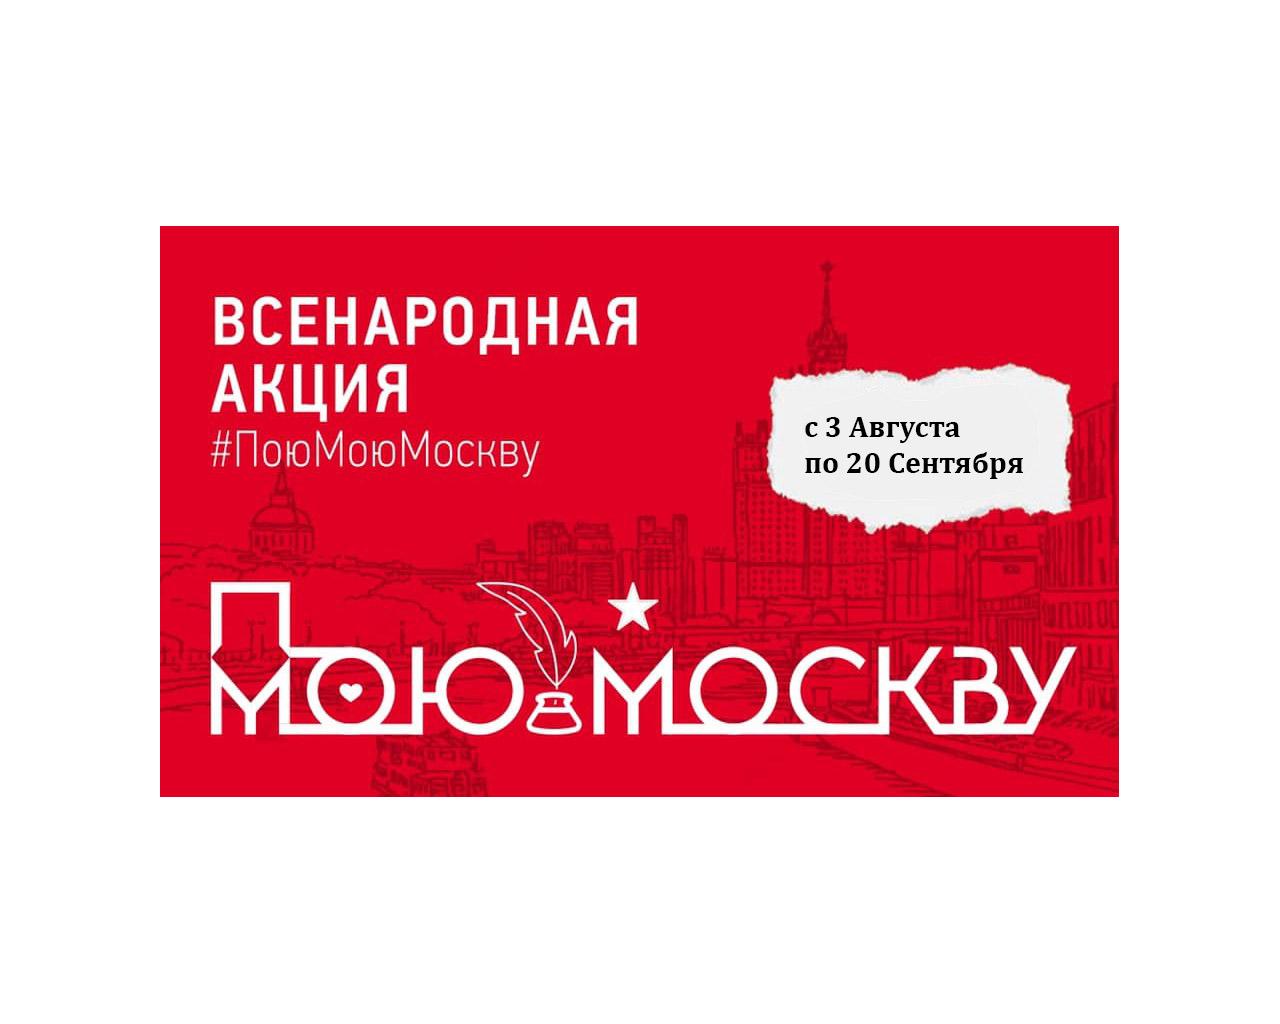 Общегородская акциия #ПоюМоюМоскву